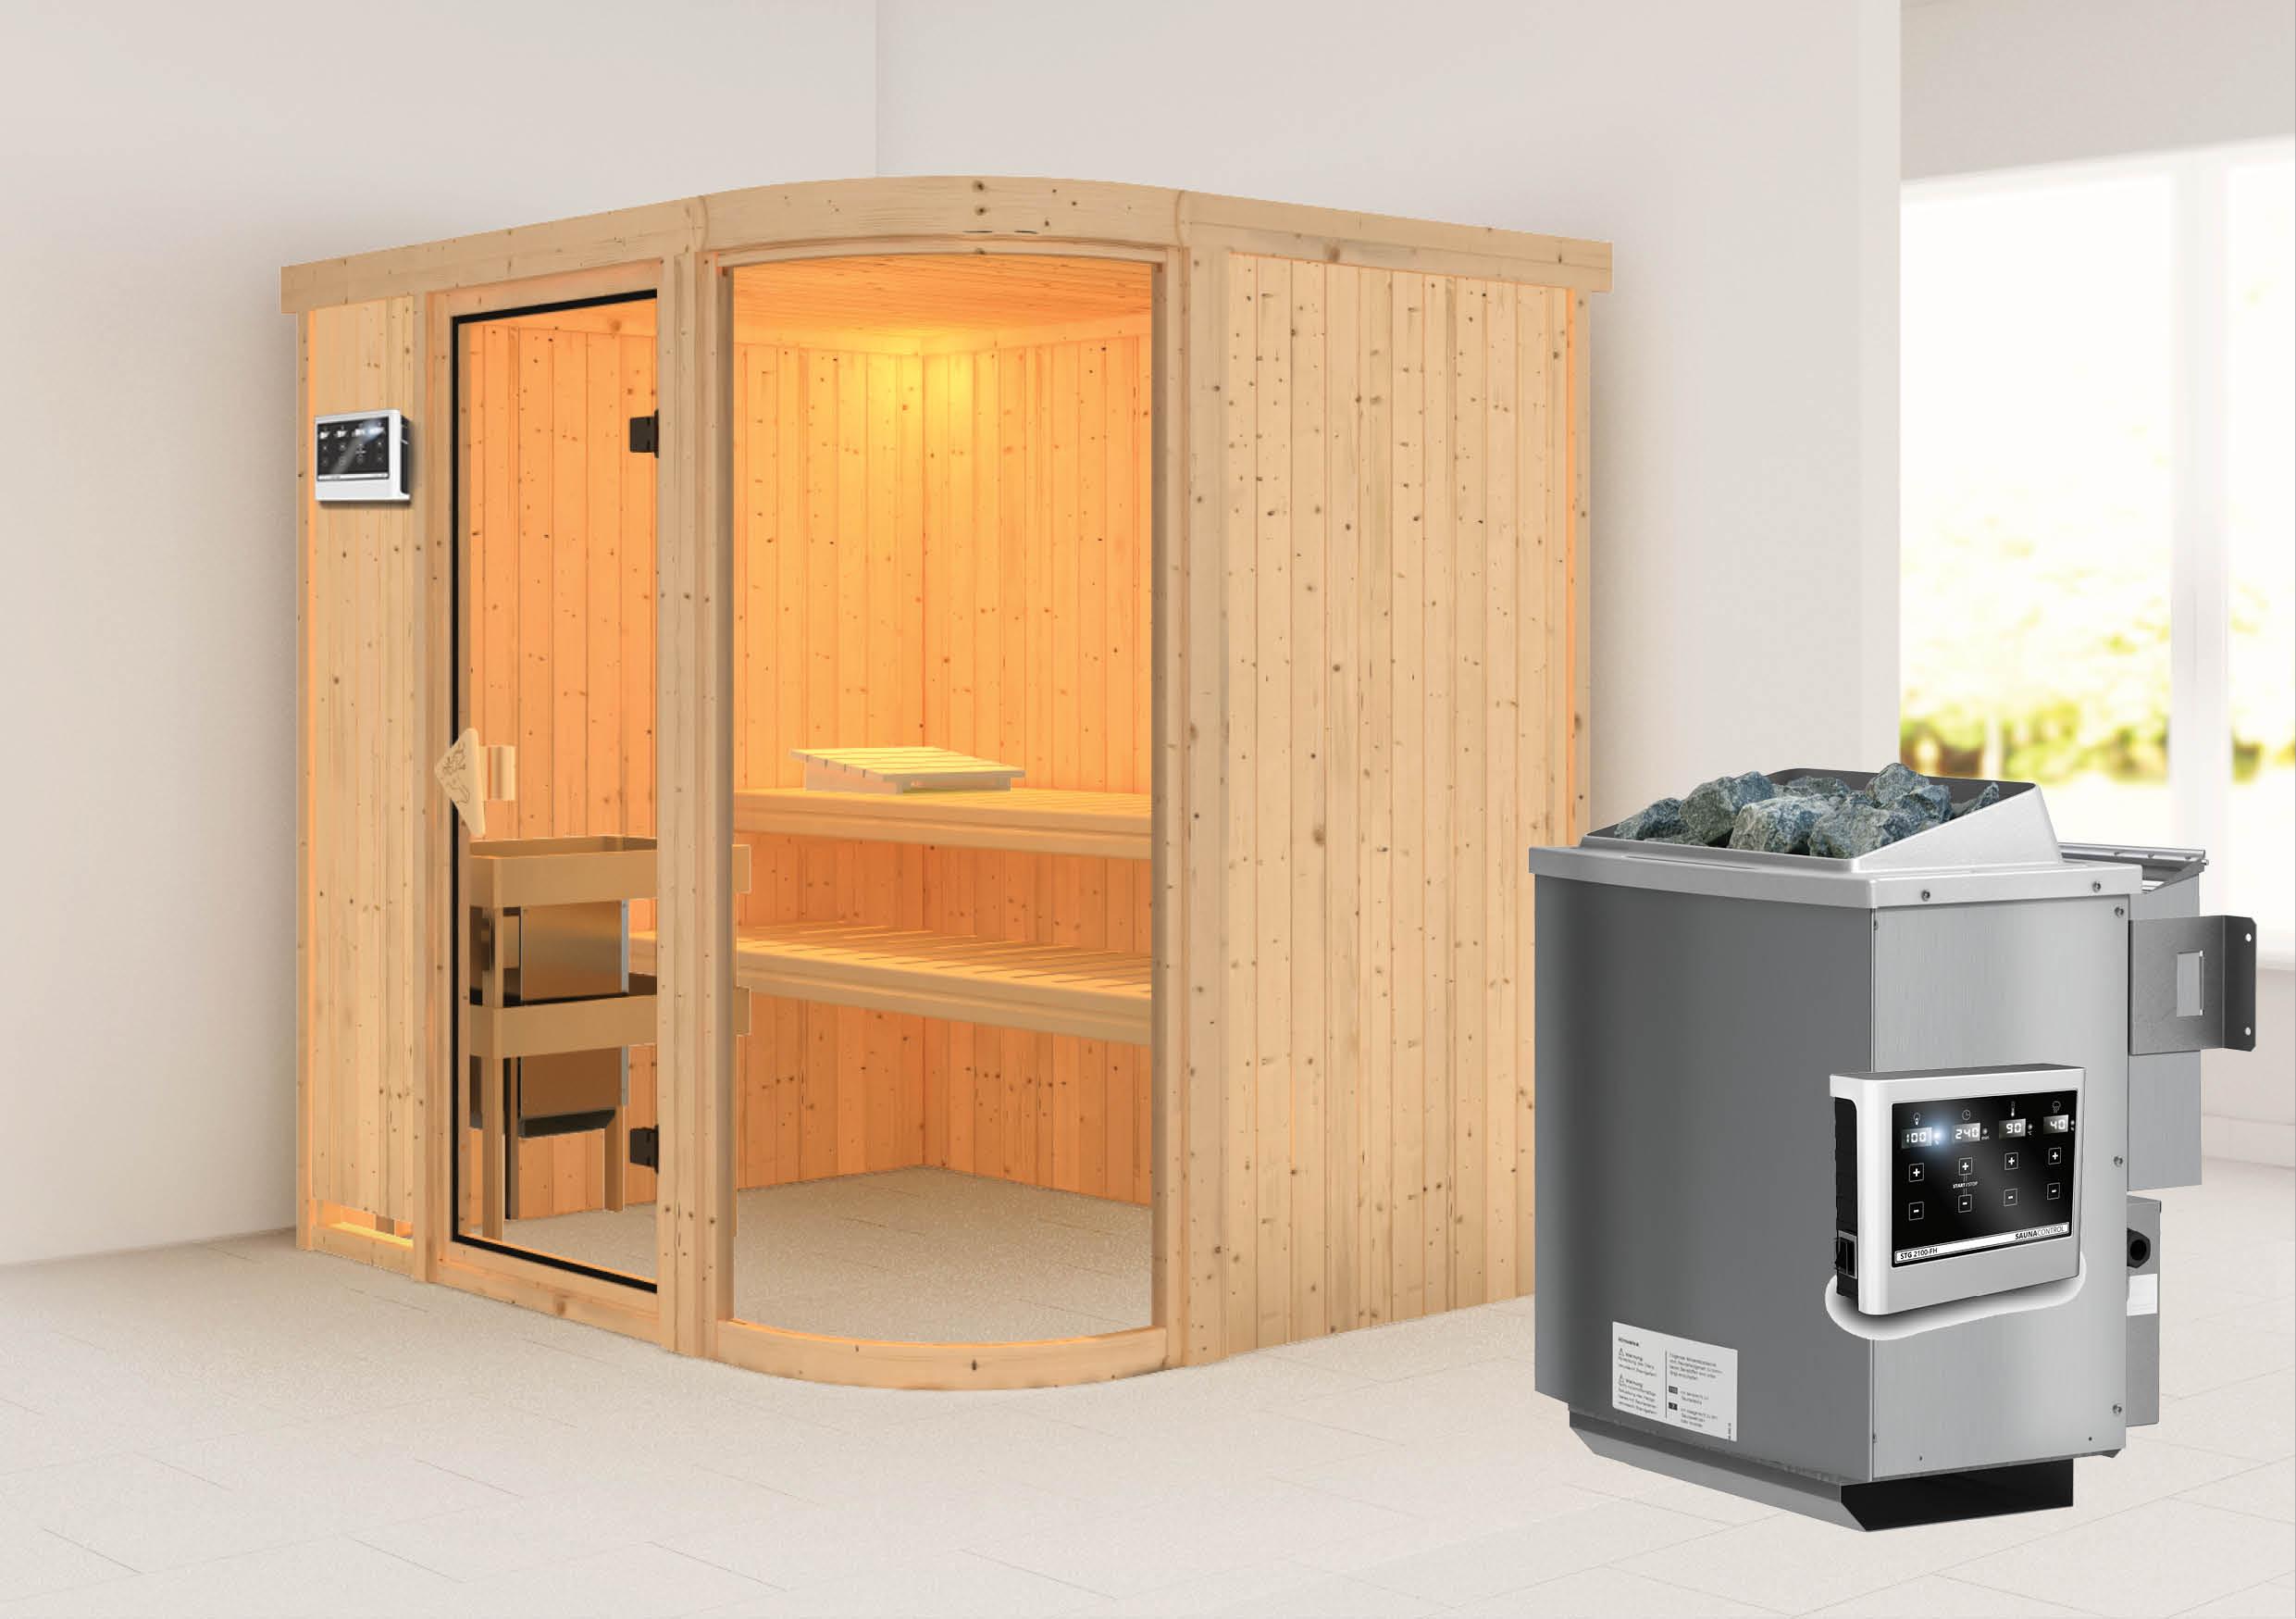 karibu sauna parima 2 1 96 x 1 51 m 68 mm mit 9 kw ofen saunakabine elementsauna ebay. Black Bedroom Furniture Sets. Home Design Ideas